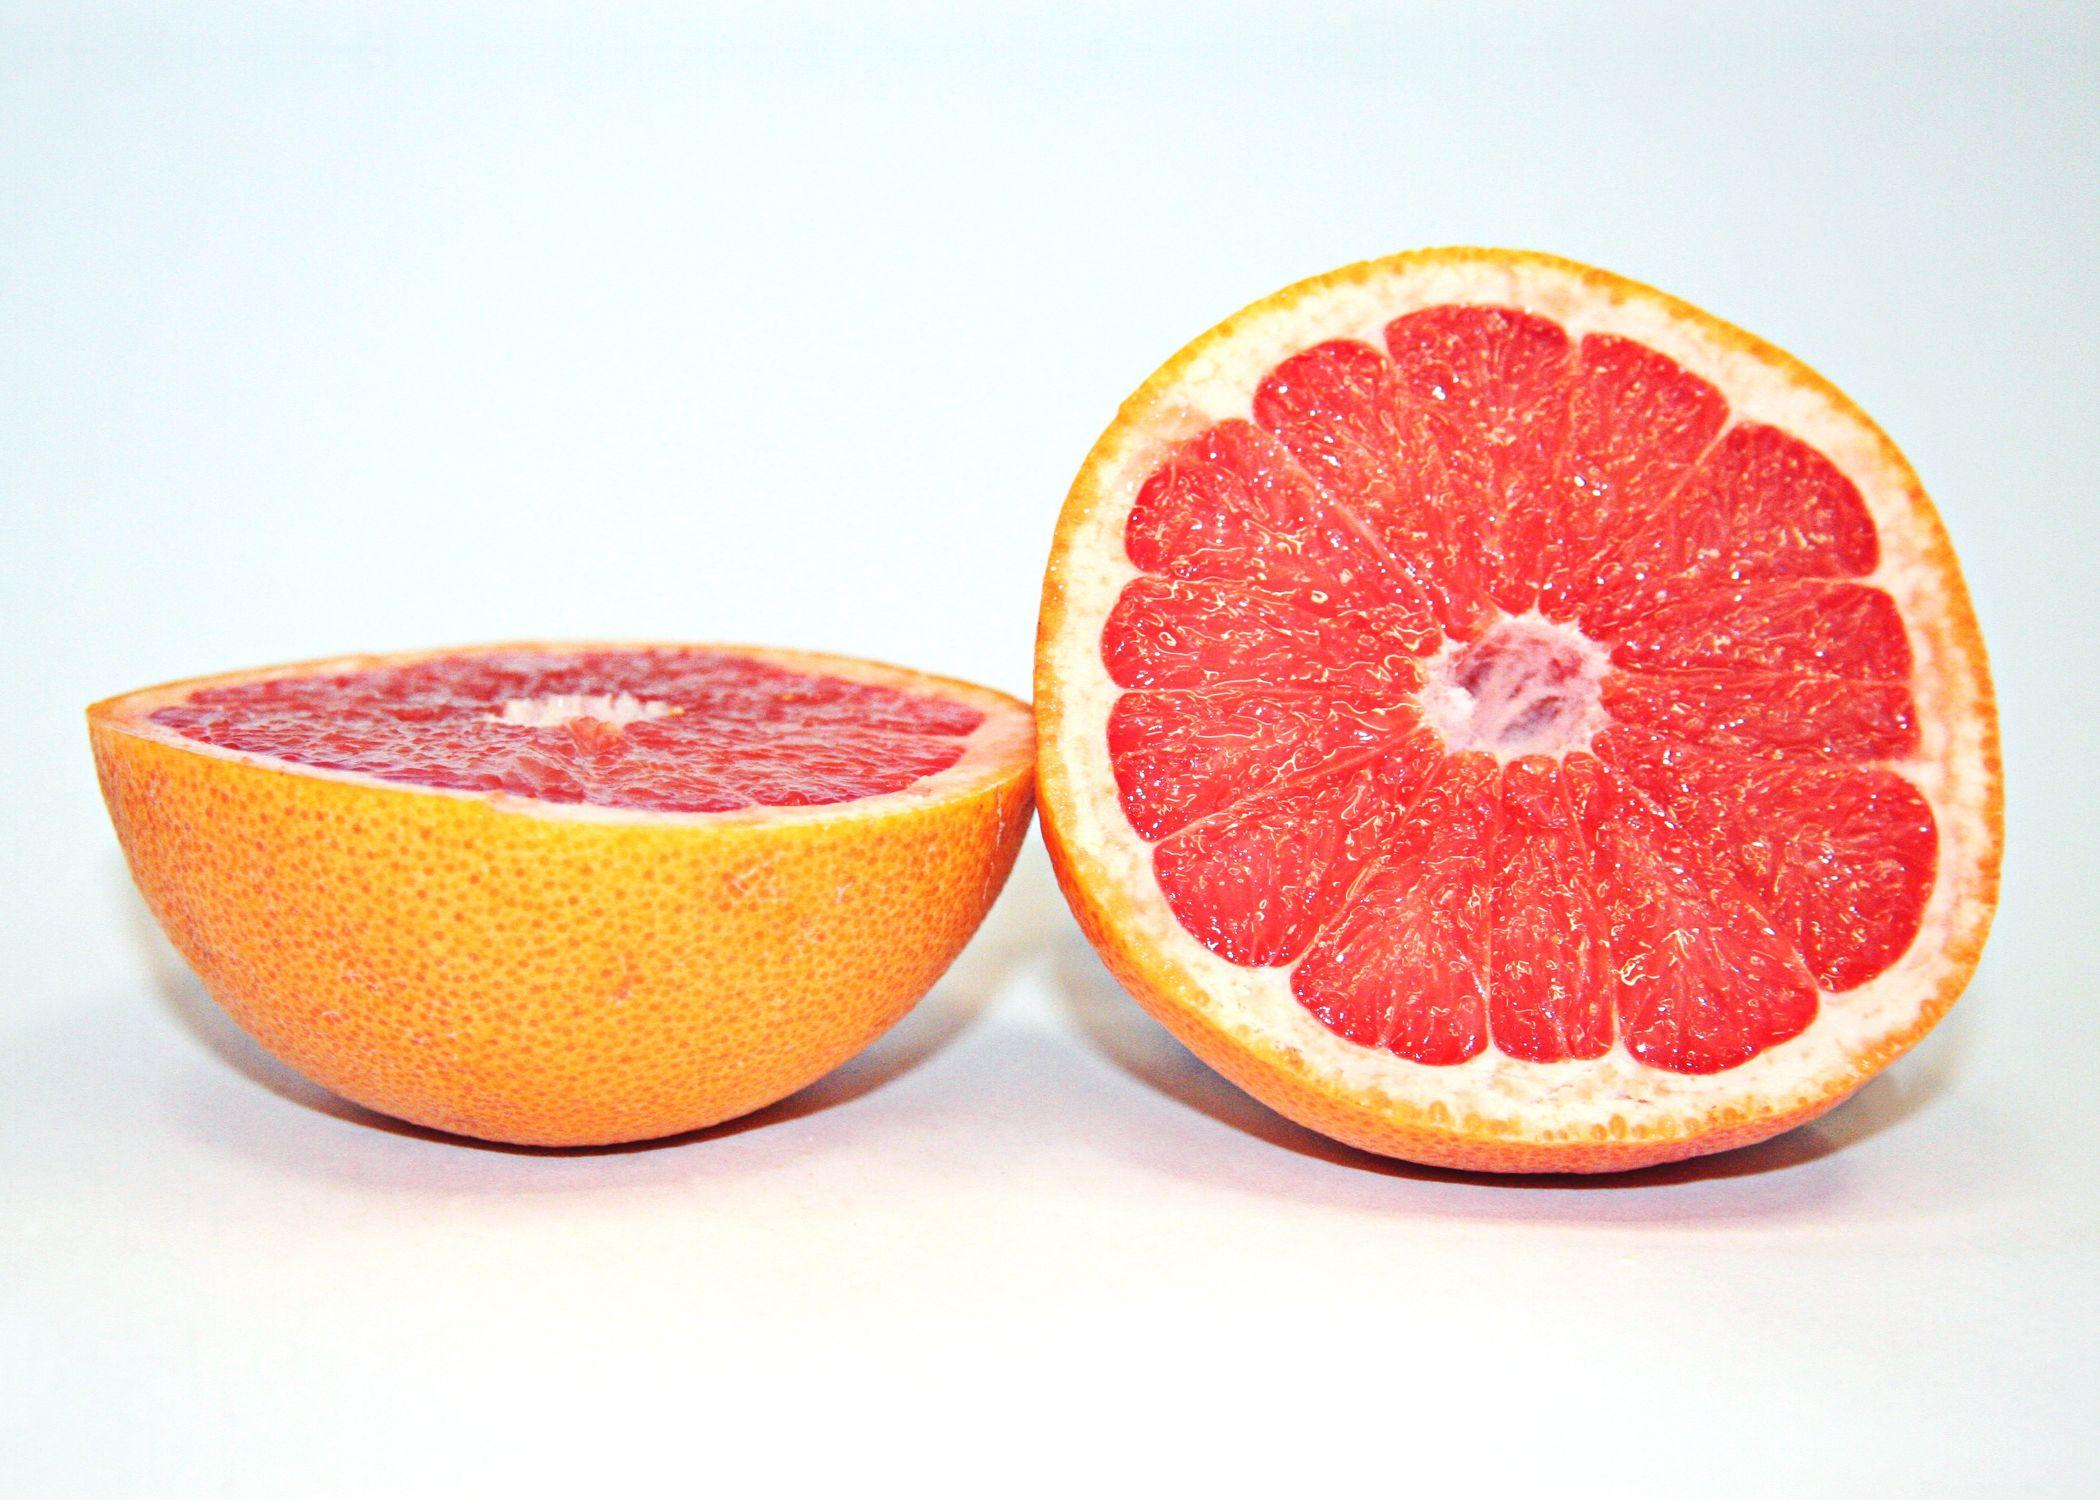 Bild mit Früchte, Lebensmittel, Essen, Zitrusfrüchte, Orangen, Grapefruits, Frucht, Blutorange